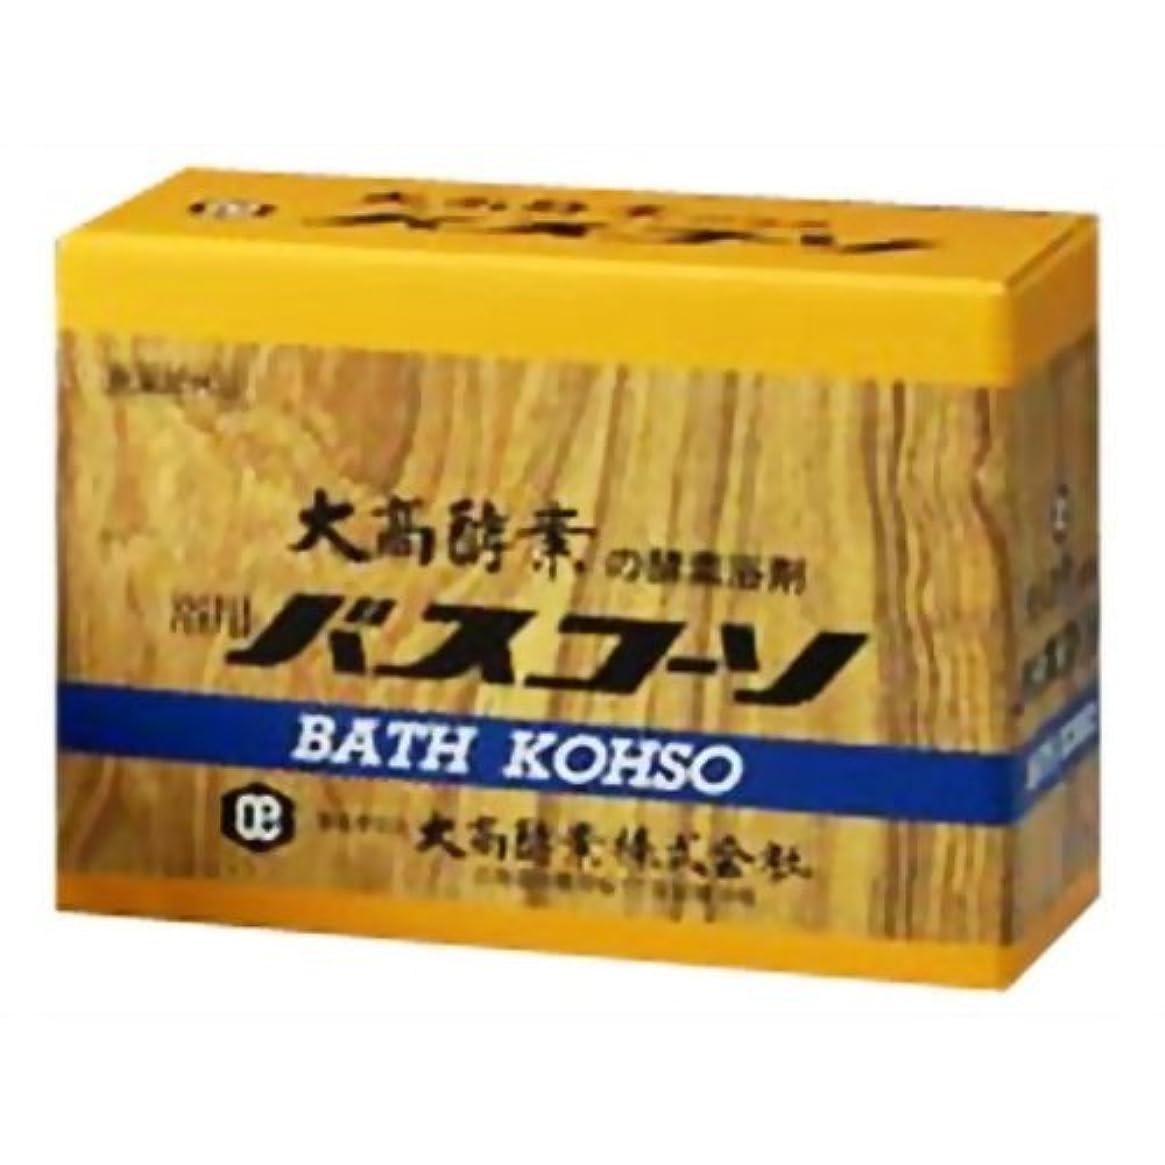 徹底的に人事タービン大高酵素 浴用バスコーソ 100gx6